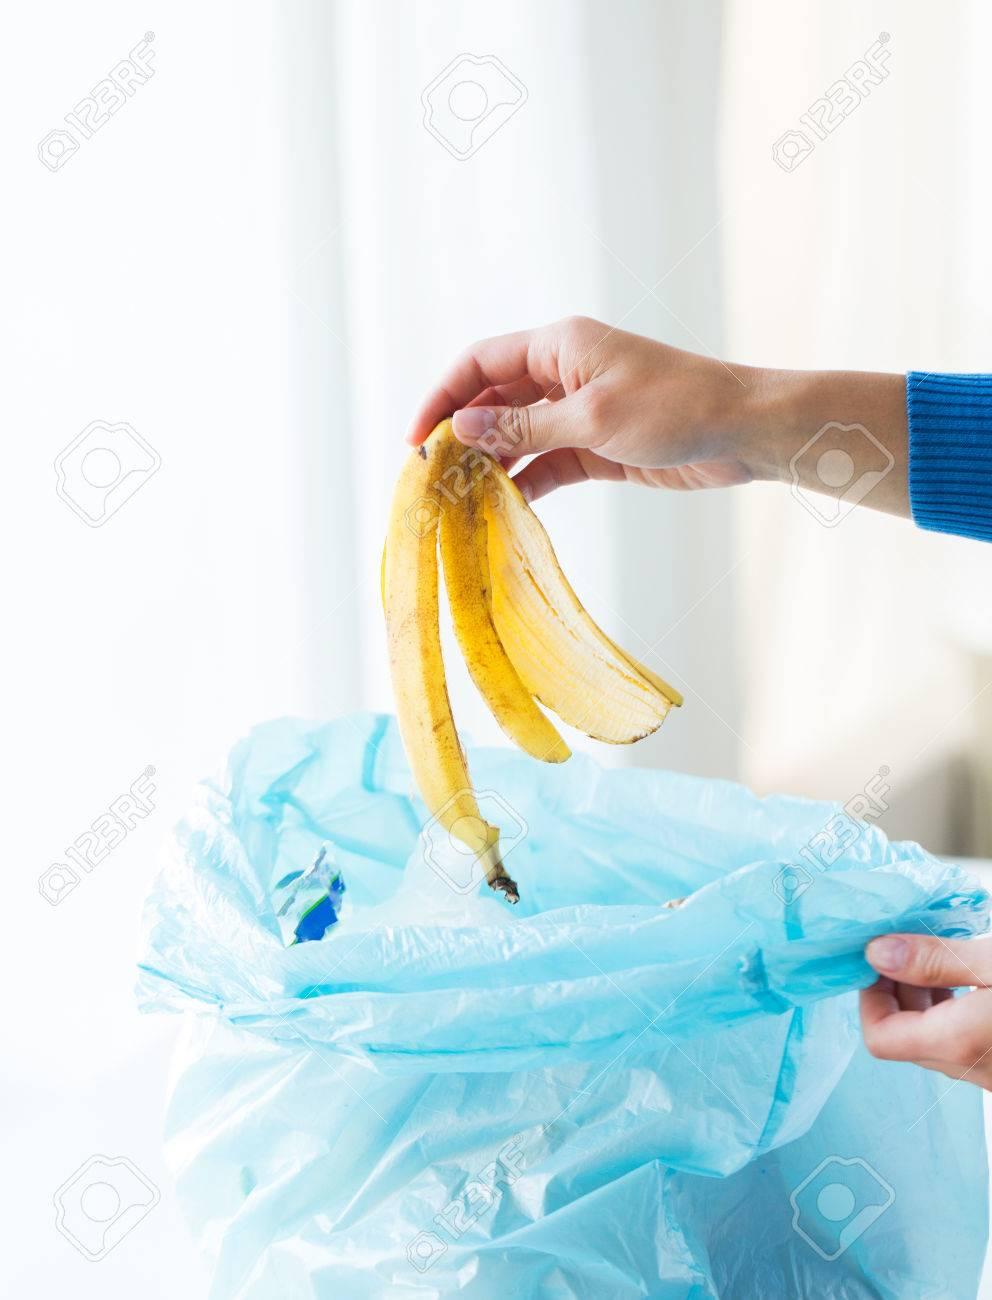 Del Residuos Cerca Alimentos Cáscara Y Plátano La Concepto Reciclaje Ambiente Basura Bolsa Medio Archivo De El Foto Poner Ecología wqagtBxgR